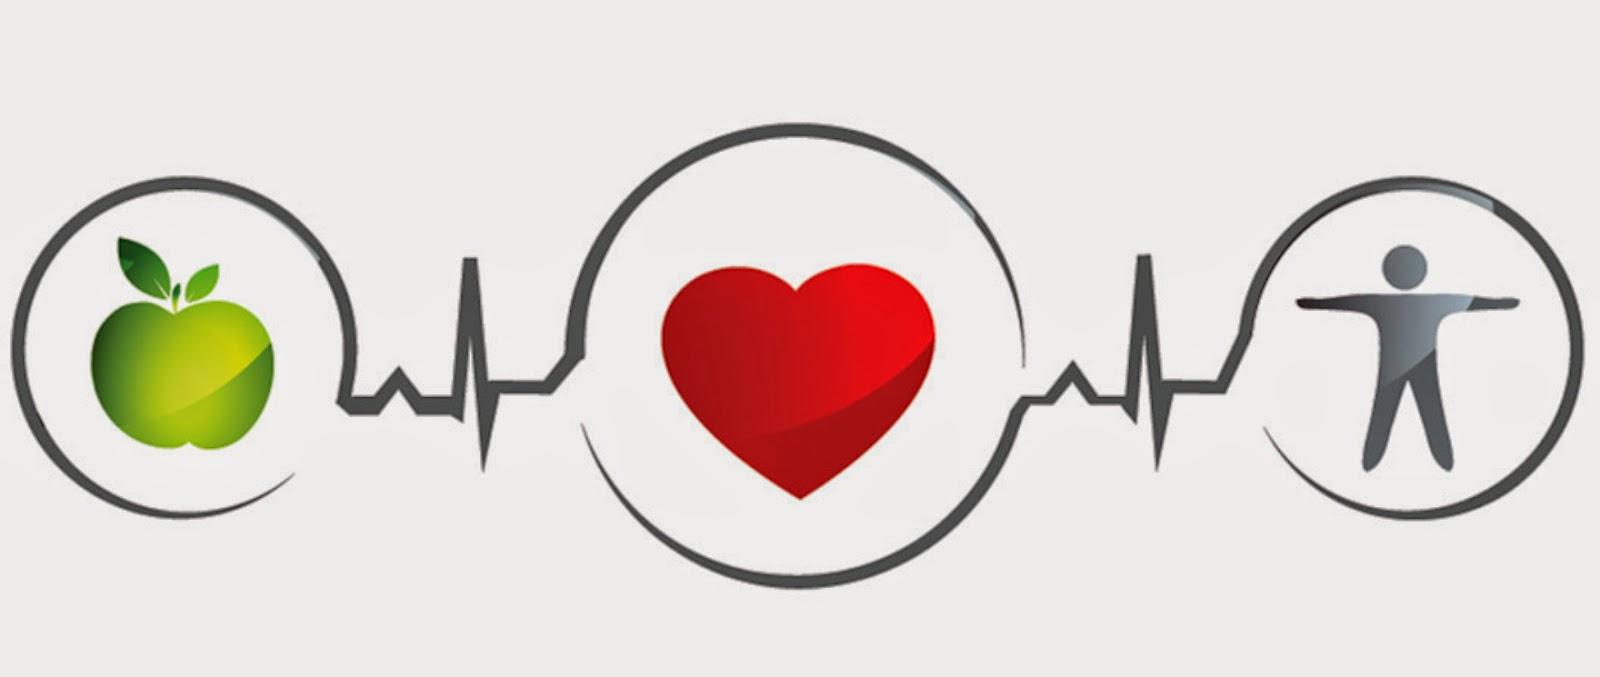 fakta-fakta unik dan menarik yang singkat tentang kesehatan